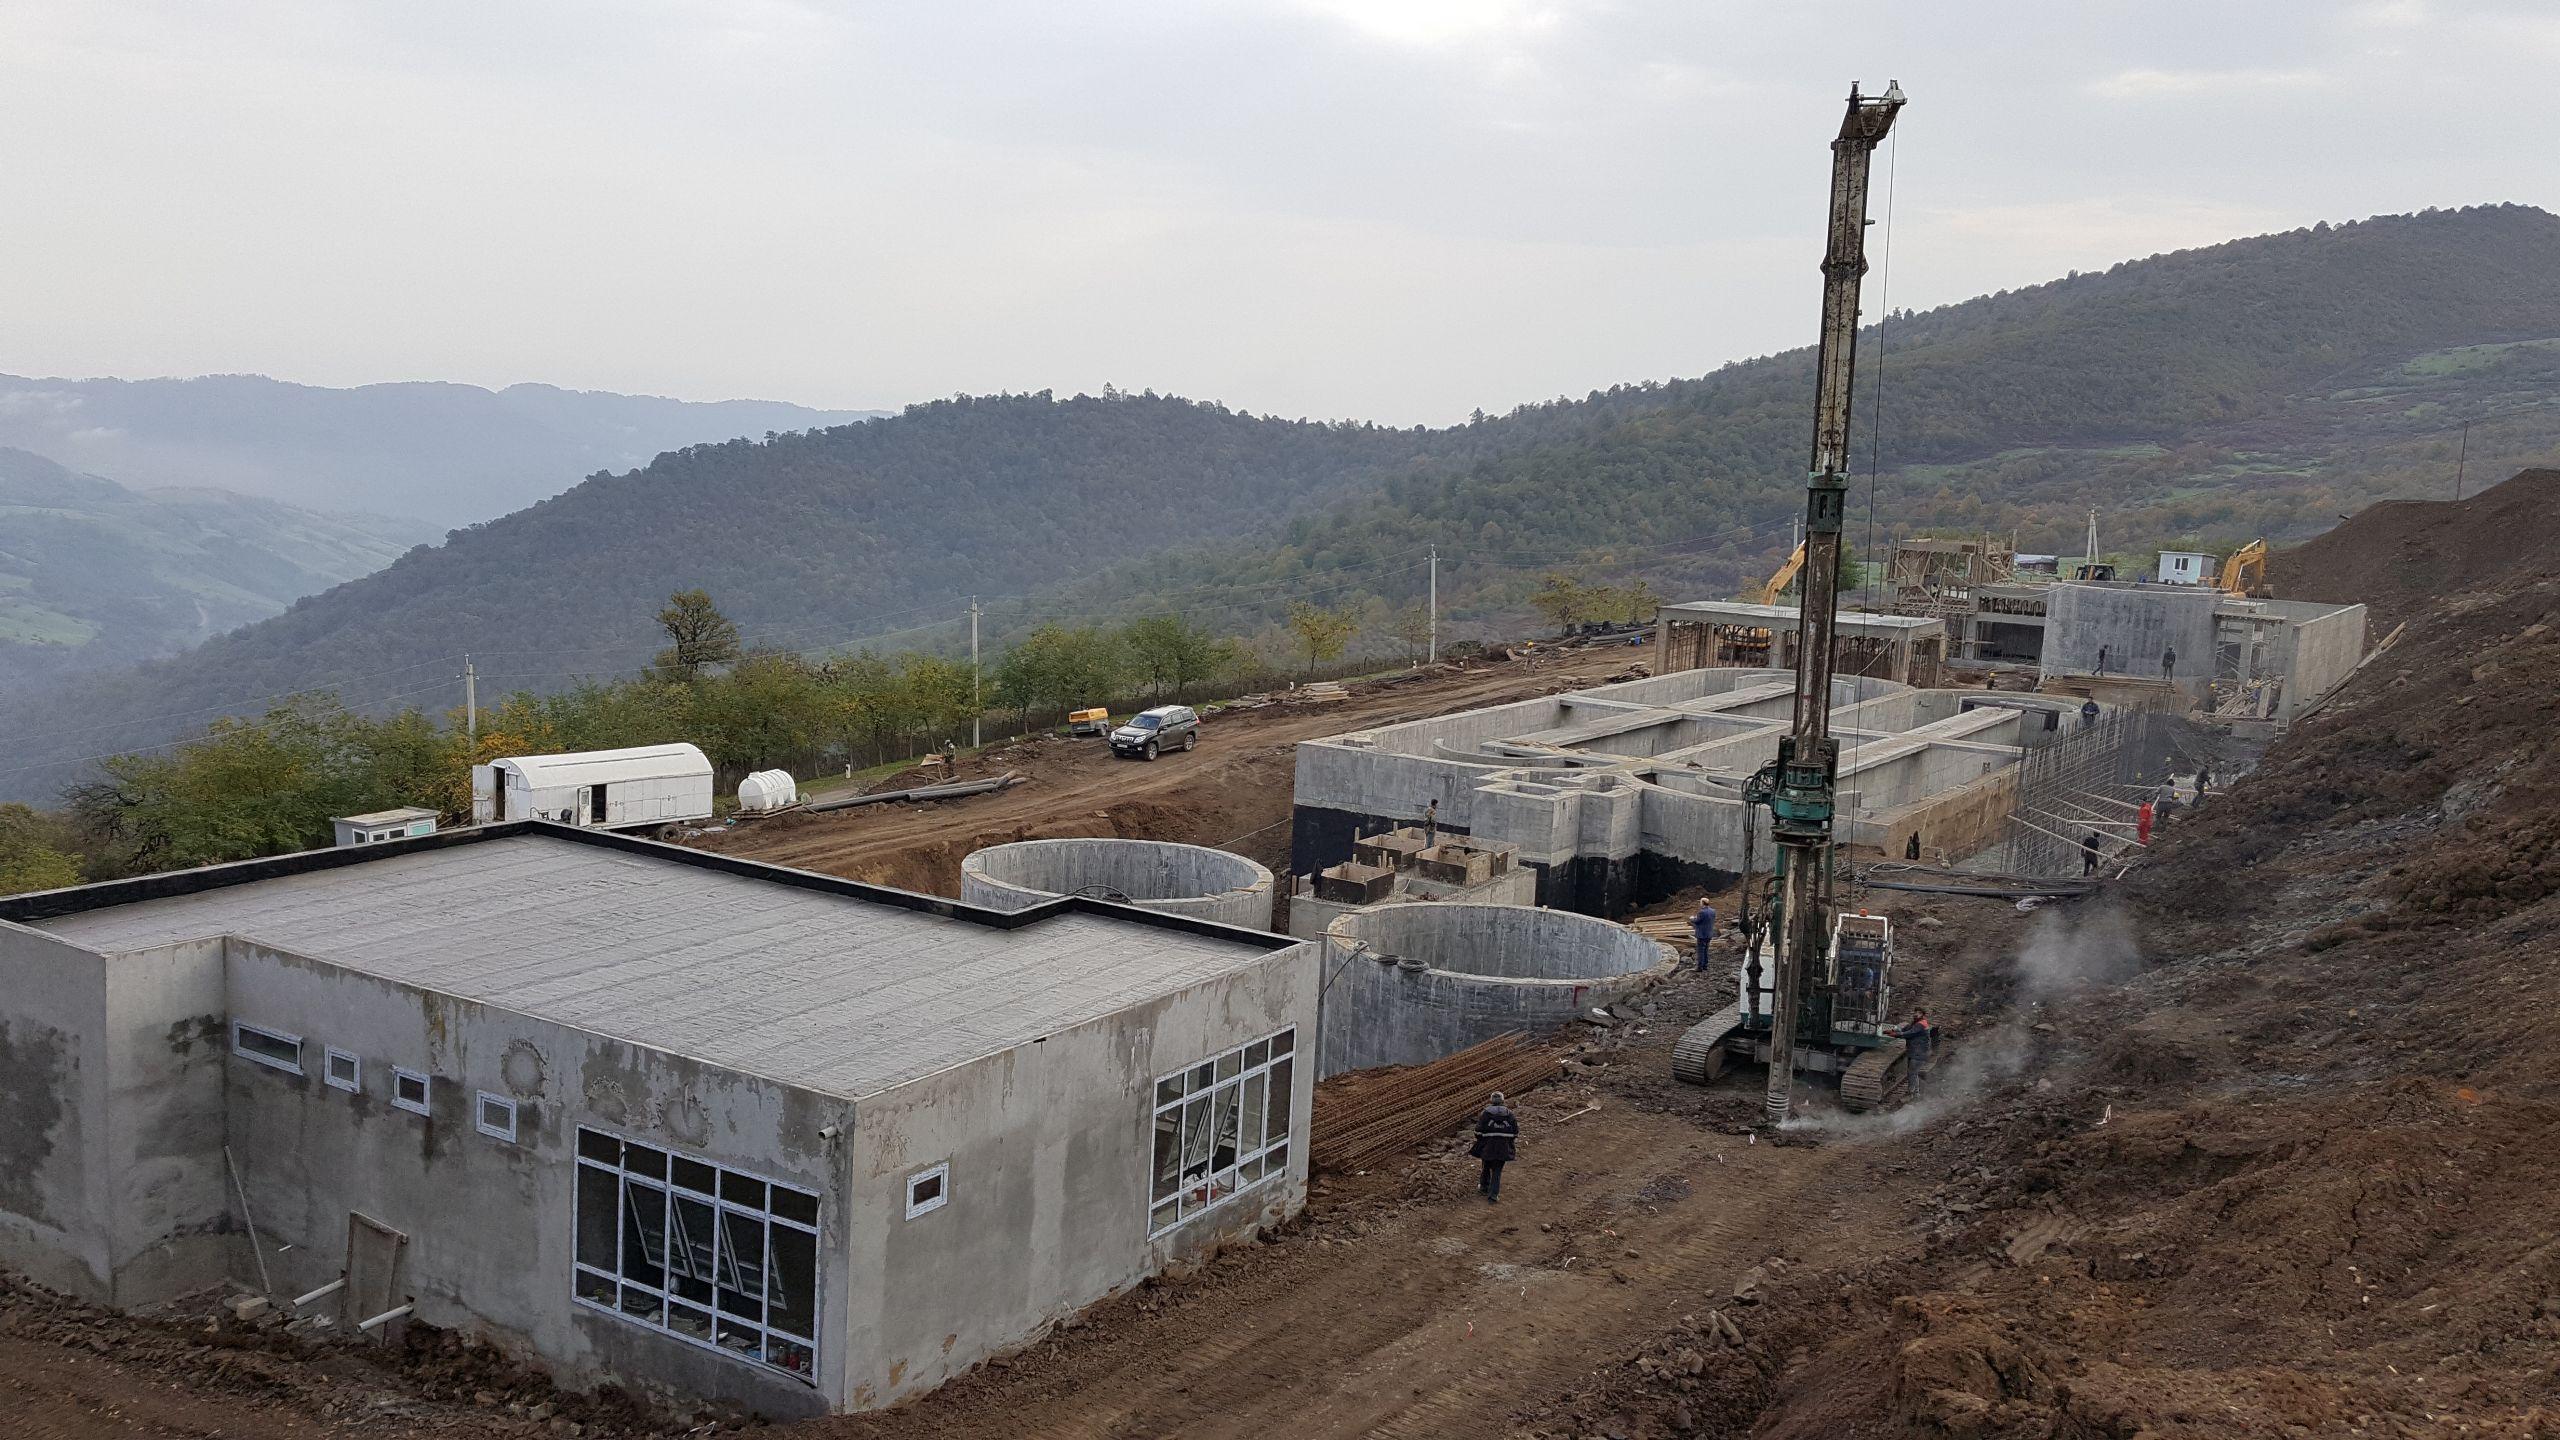 Lerik (Azerbaycan) Atıksu Arıtma Tesisi